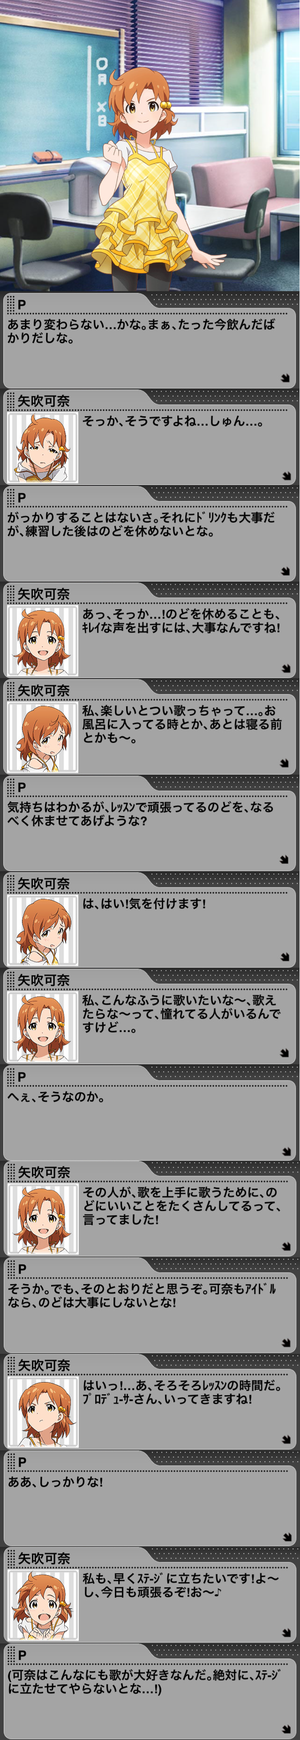 可奈アイドルストーリーLV4_3